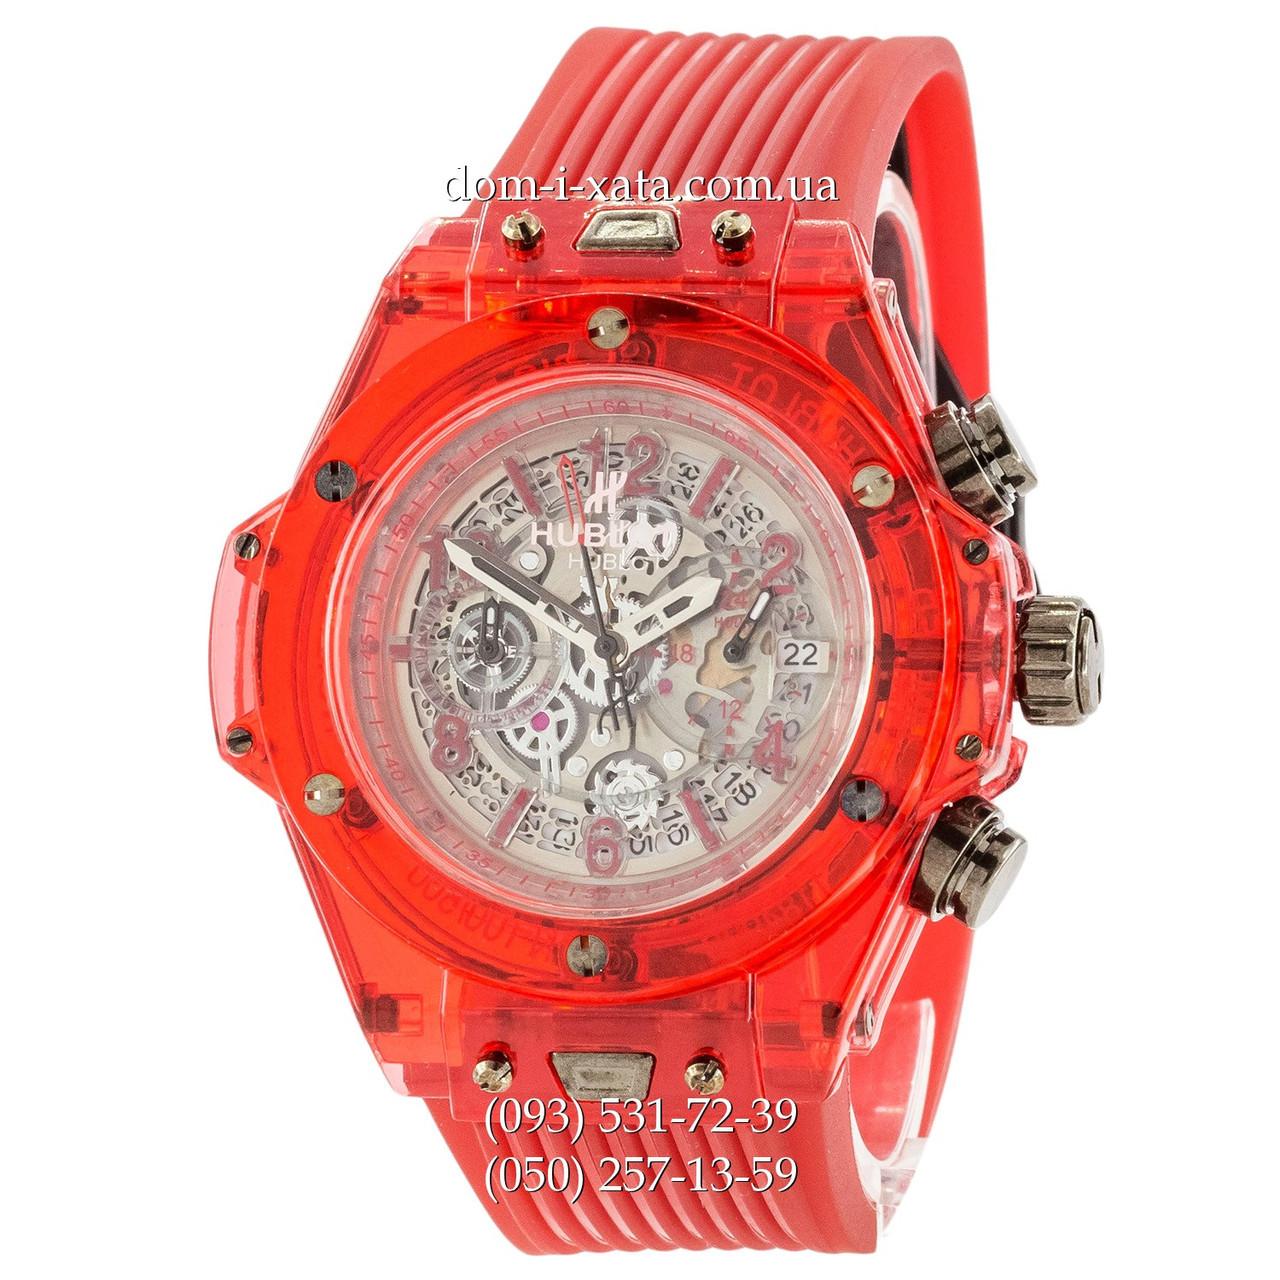 Мужские наручные часы Hublot Big Bang Quartz Unico Sapphire Red, кварцевые часы с хронографом Хублот, реплика отличное качество!